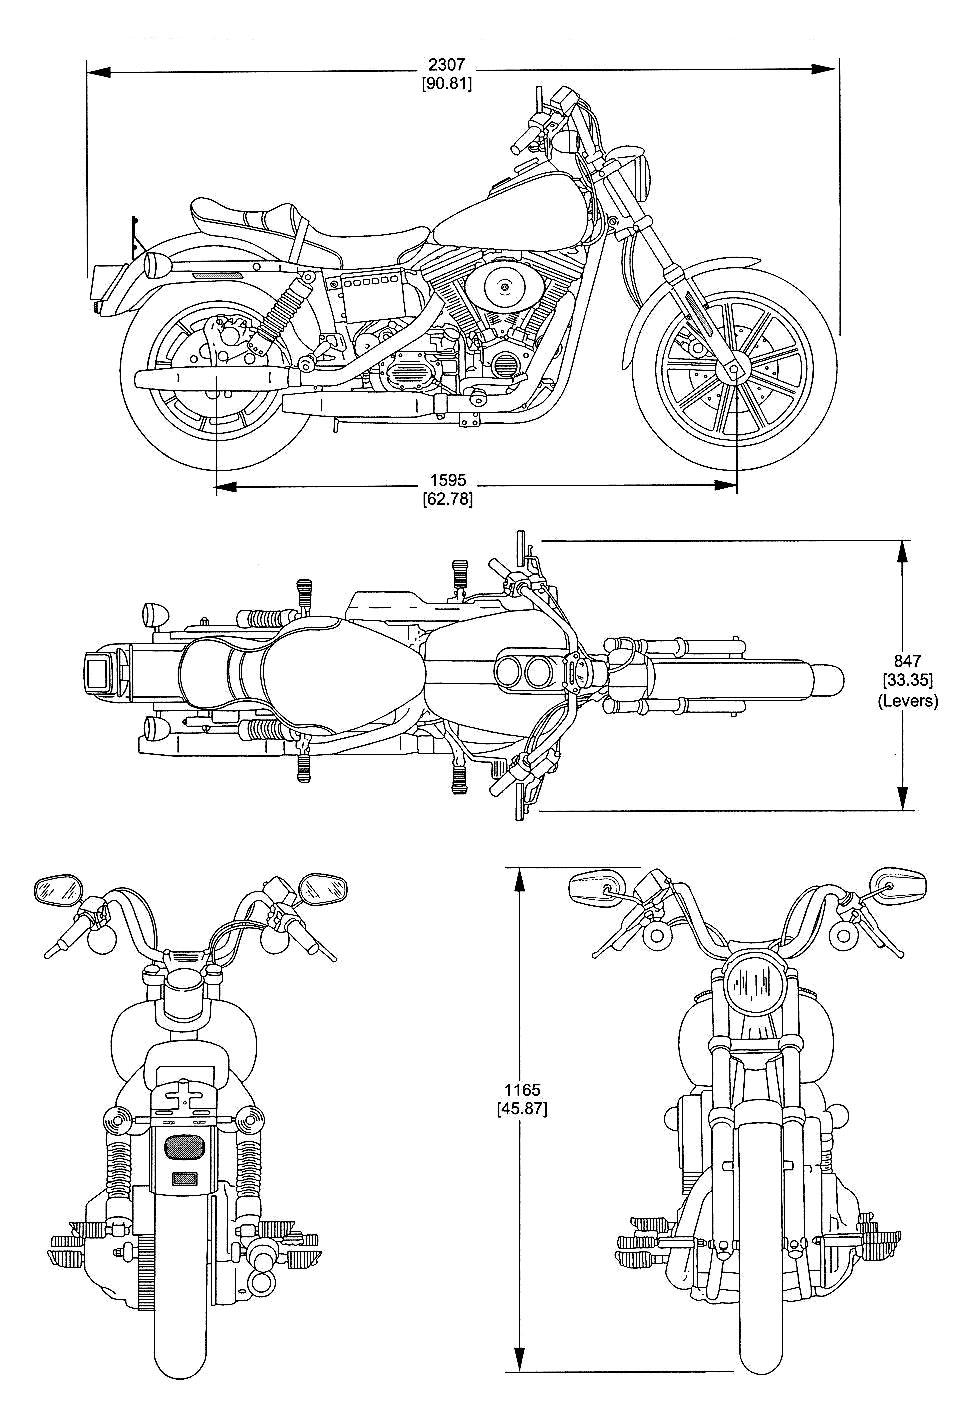 harley-davidson fs2 blueprint - download free blueprint for 3d